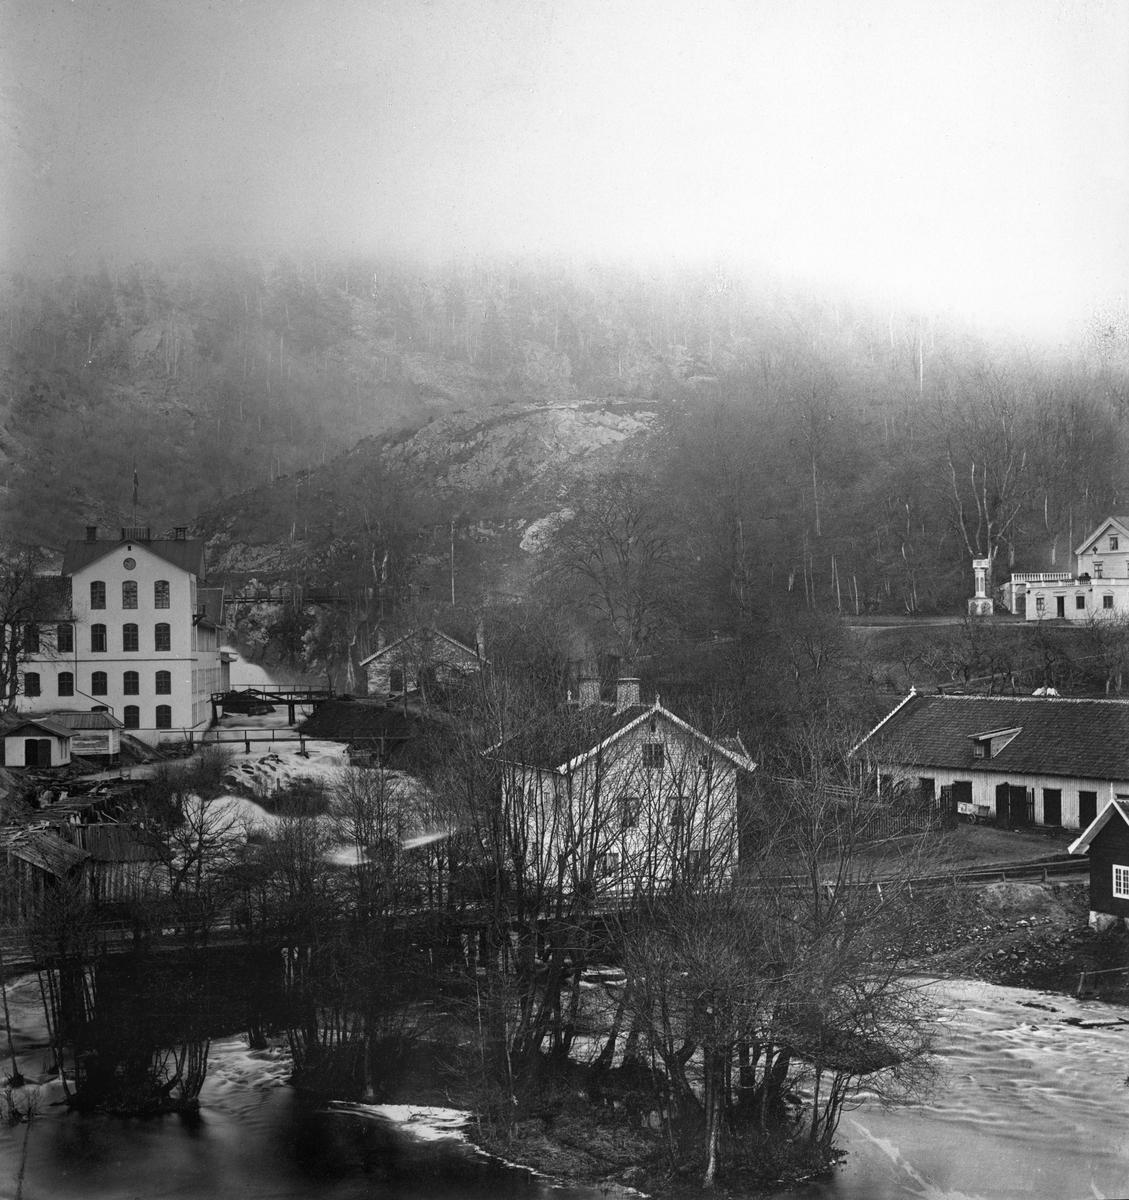 Vid stora fallen i Huskvarna ligger, uppe till vänster, byggnaden som idag är Husqvarna Fabriksmuseum sedan 27 april 1993, och inryms i det hus som fram till 1940-talet var vapenverkstad. Till vänster syns en del av Slottsvillan. I förgrunden går Hakarpsvägen med bro över vattnet. Bilden är från 1870-talet.